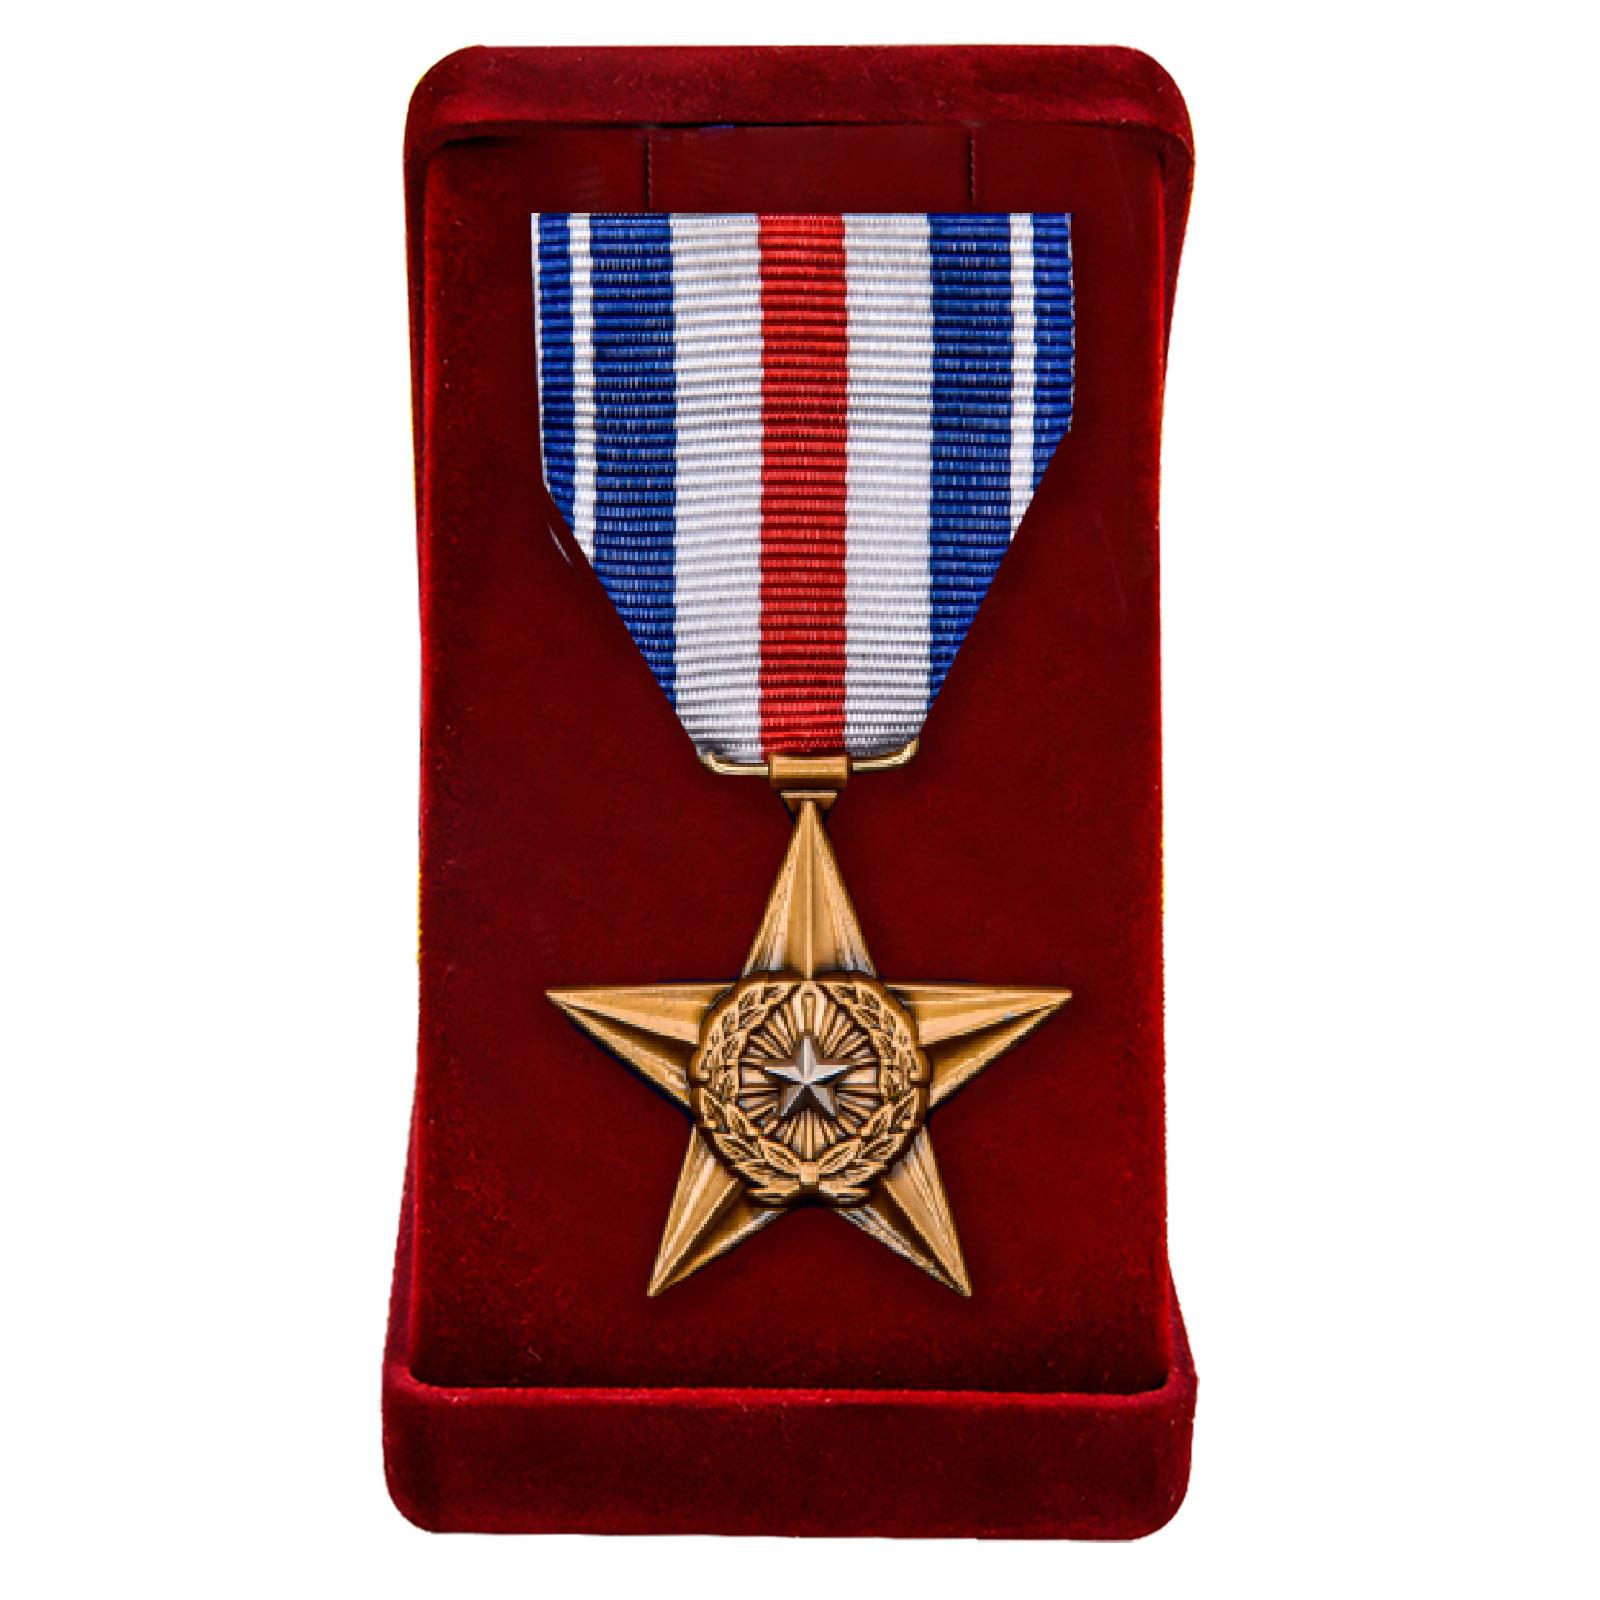 Купить медаль Серебряная звезда (США) в подарок онлайн